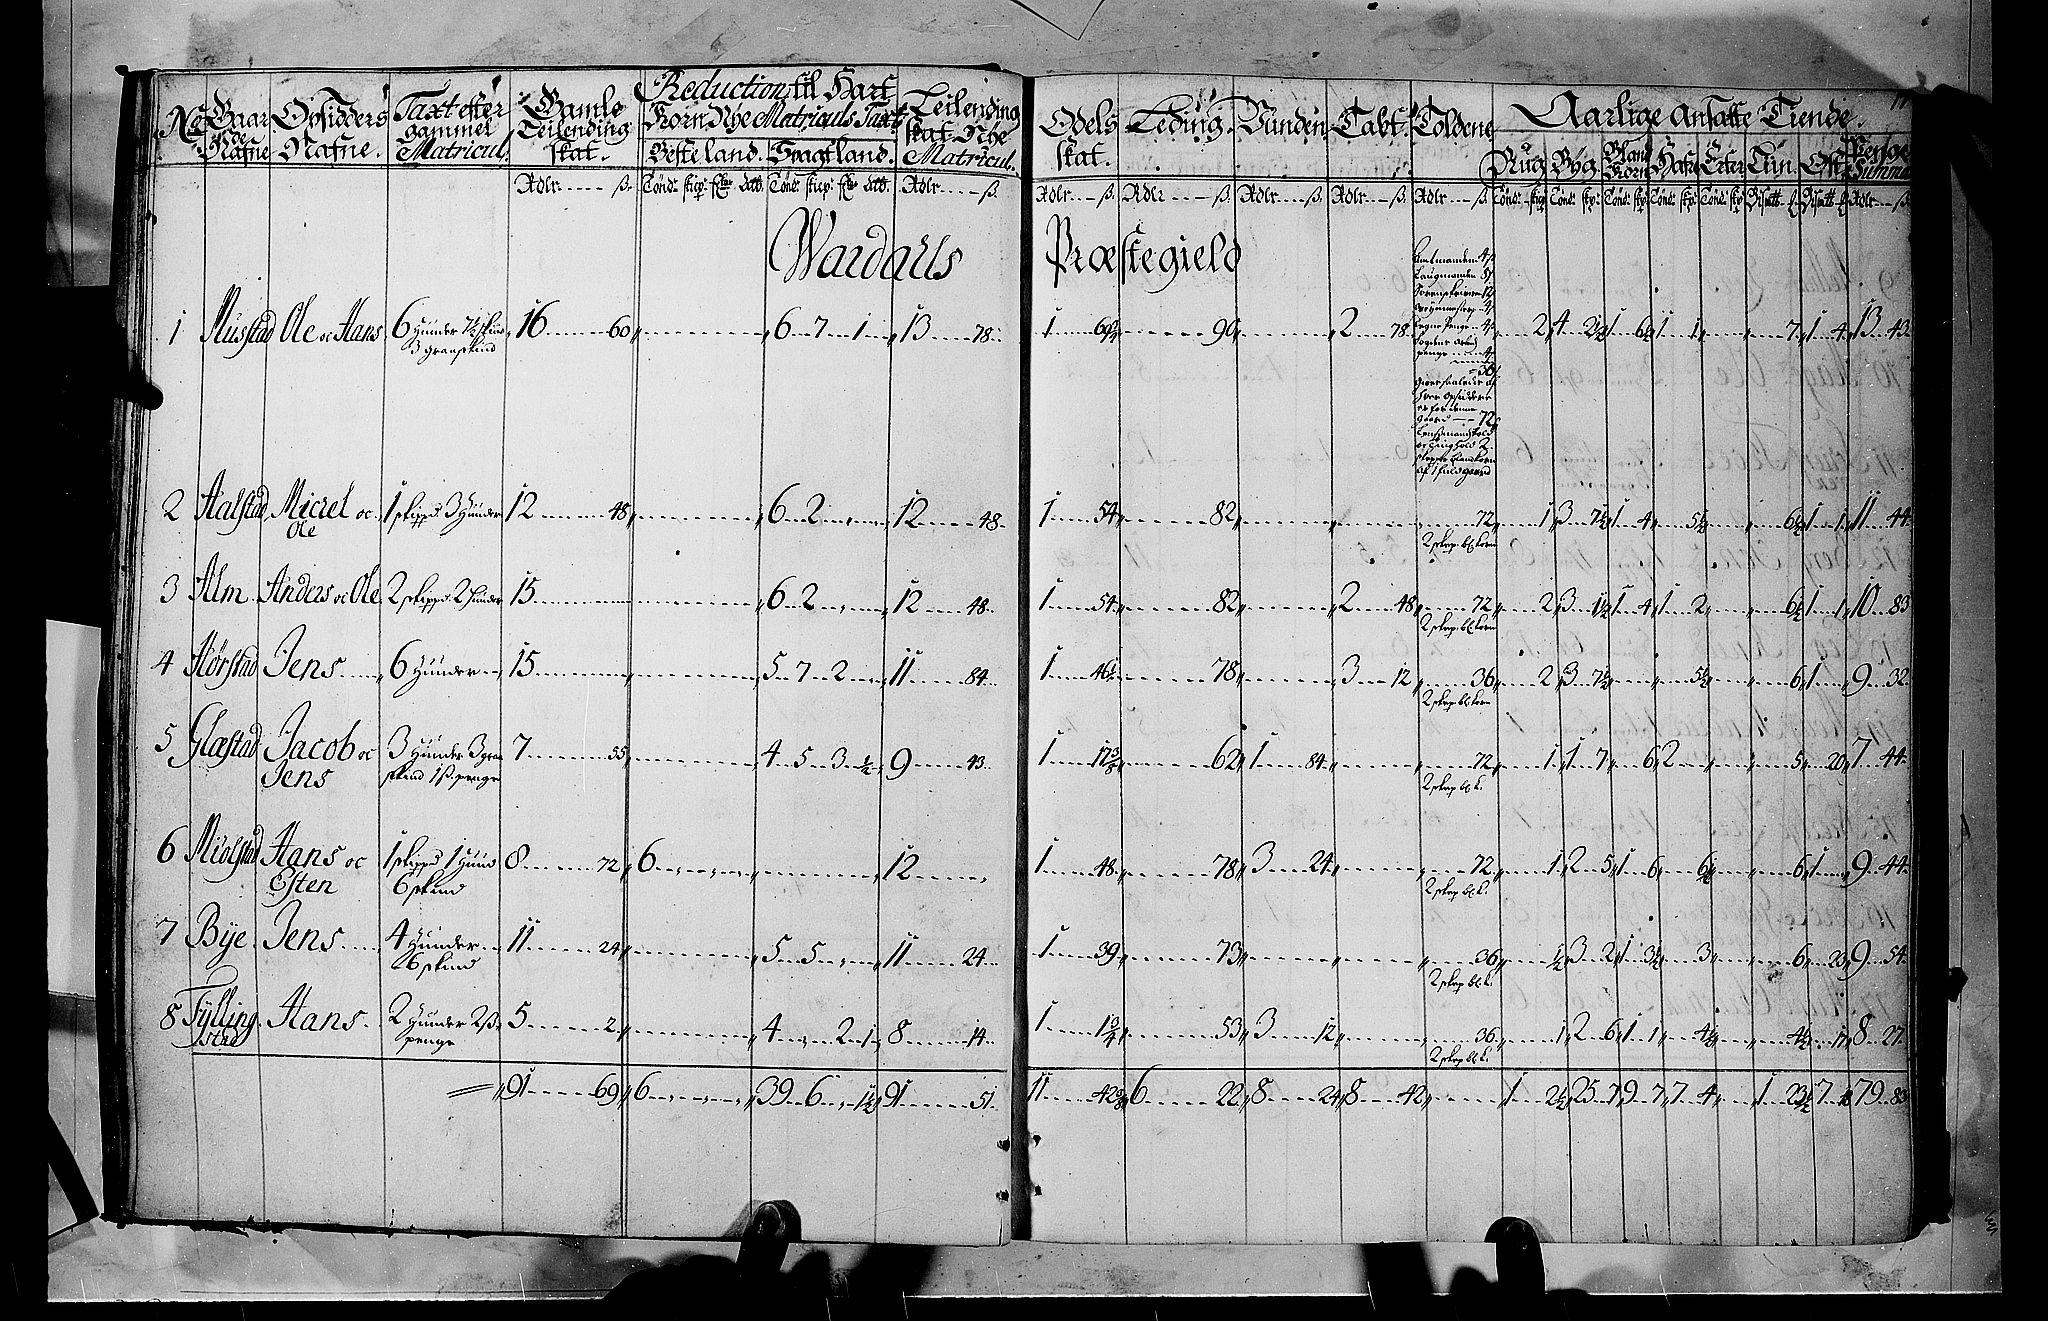 RA, Rentekammeret inntil 1814, Realistisk ordnet avdeling, N/Nb/Nbf/L0105: Hadeland, Toten og Valdres matrikkelprotokoll, 1723, s. 16b-17a